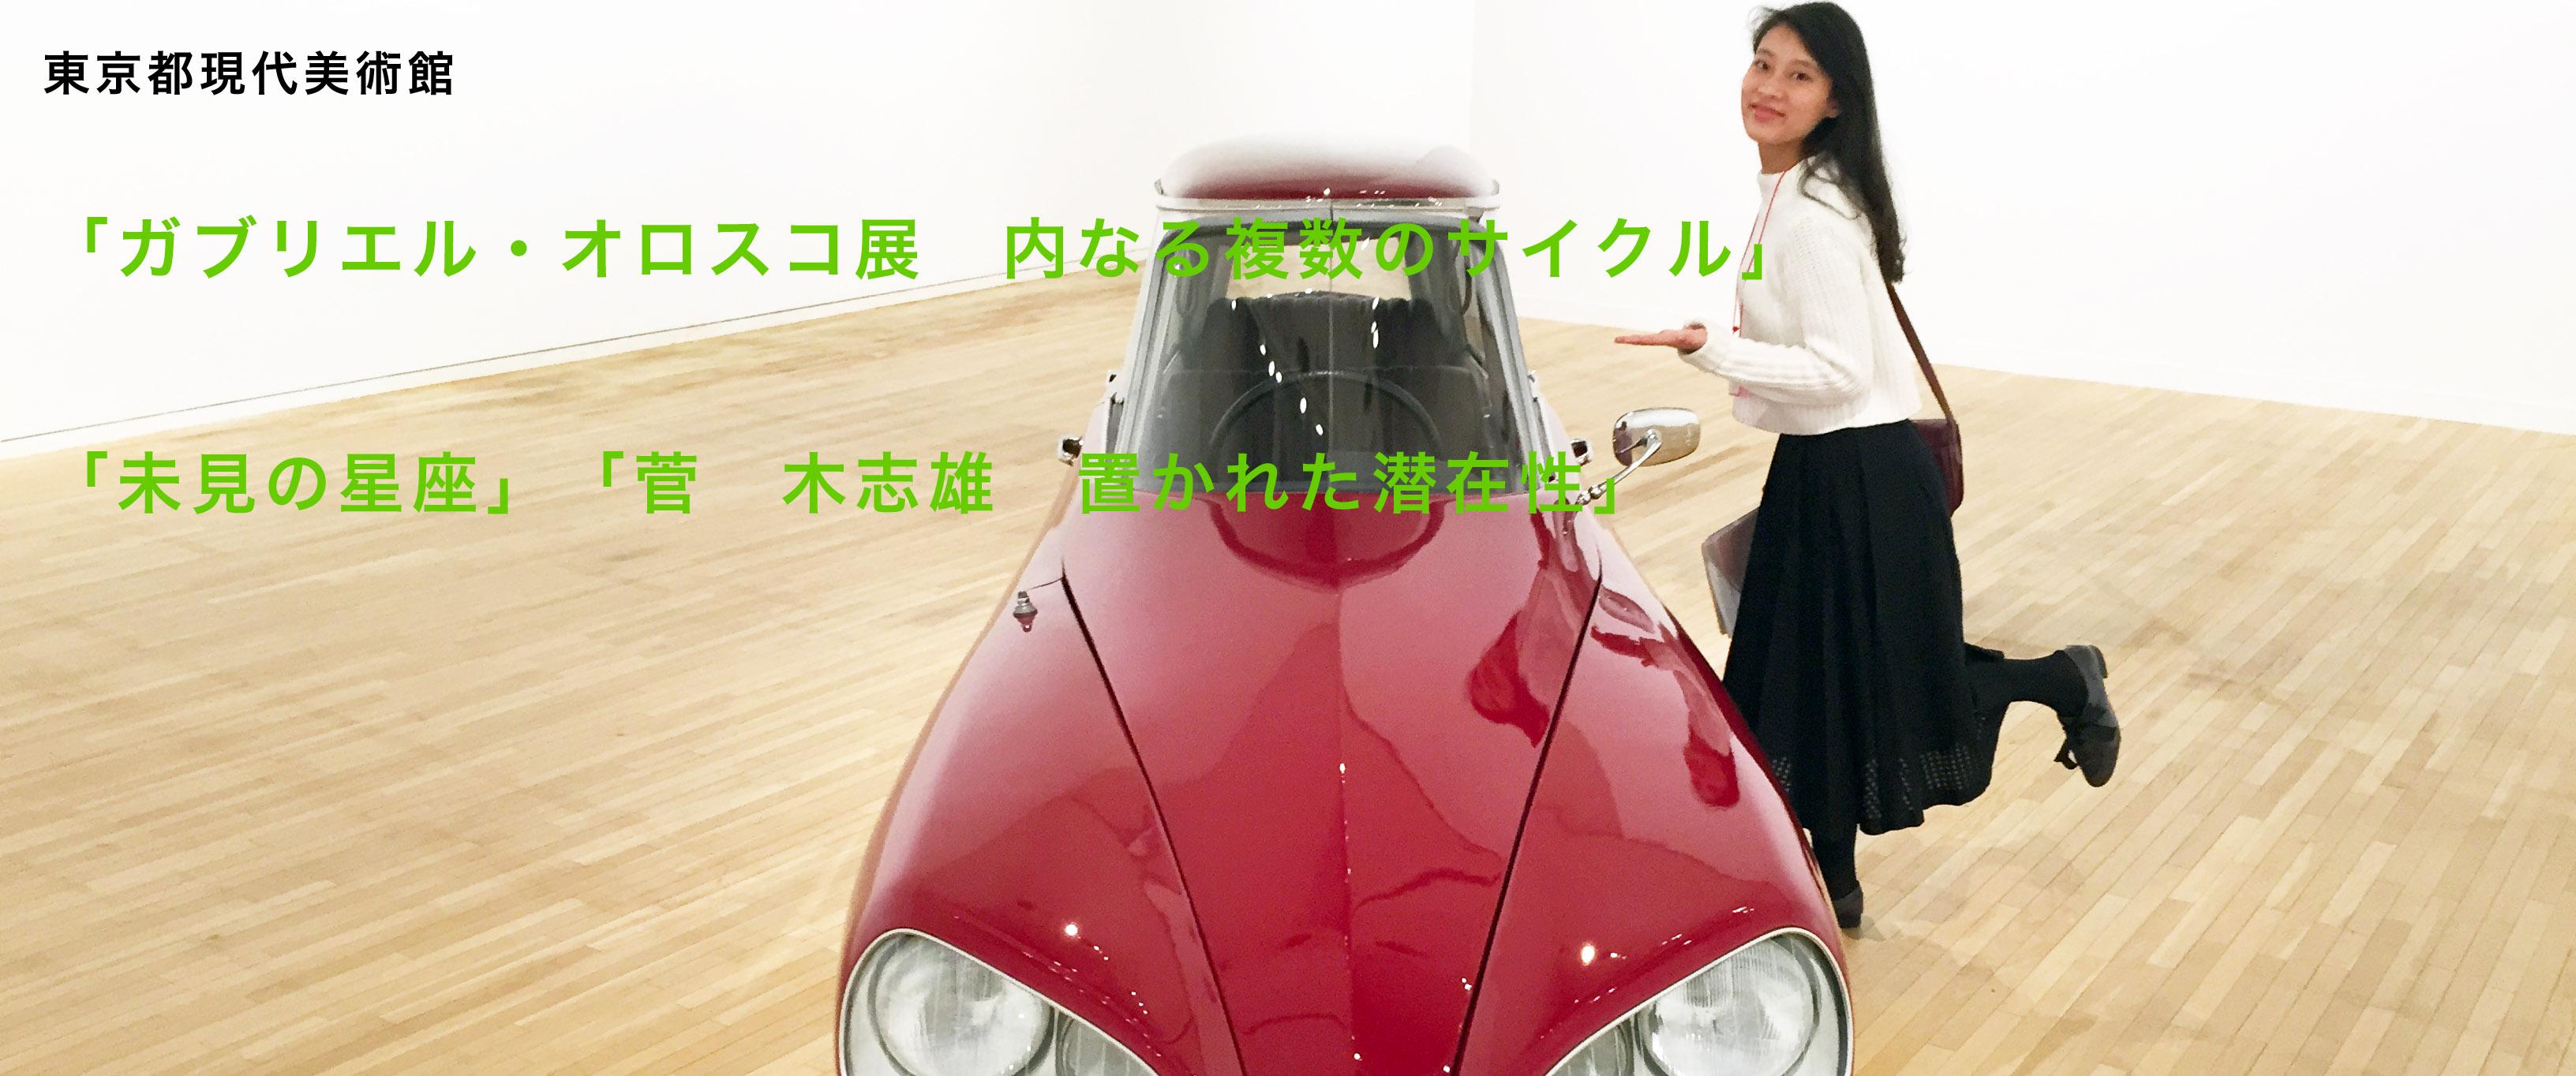 東京都現代美術館「ガブリエル・オロスコ展 内なる複数のサイクル」 「未見の星座」「菅 木志雄 置かれ